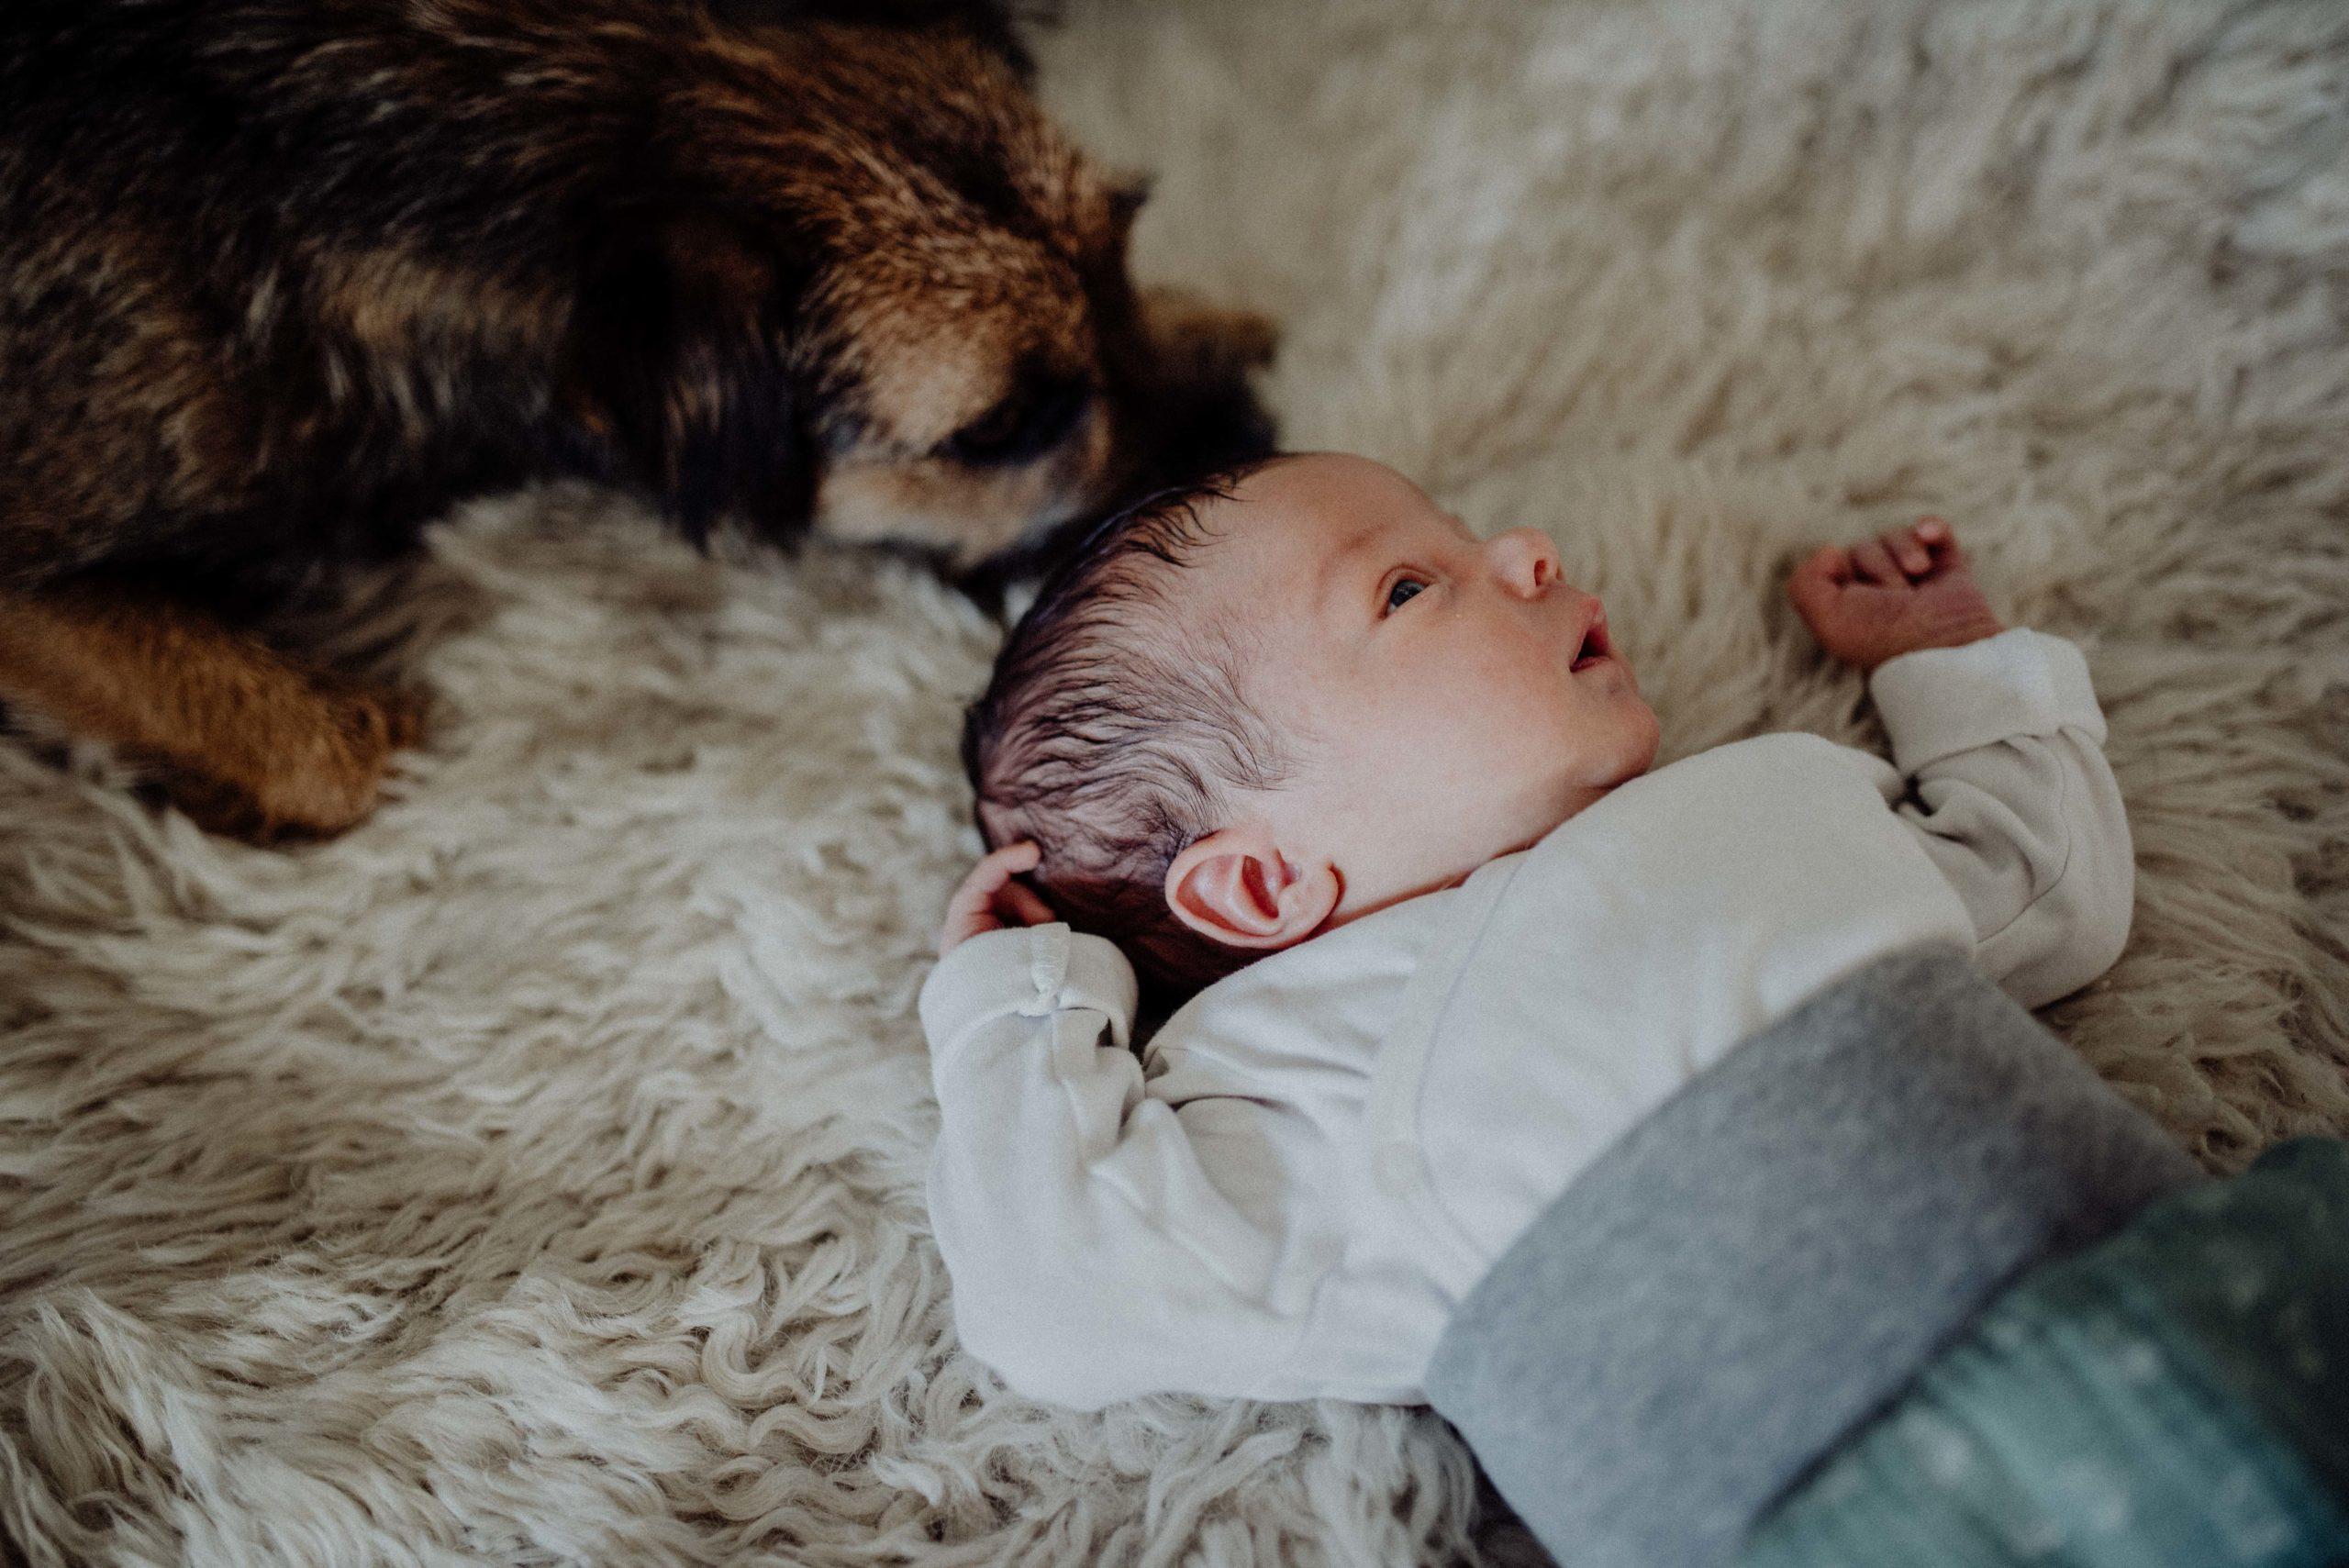 001-Witten-Homestory-Homesession-Newborn-Baby-Fotoshooting